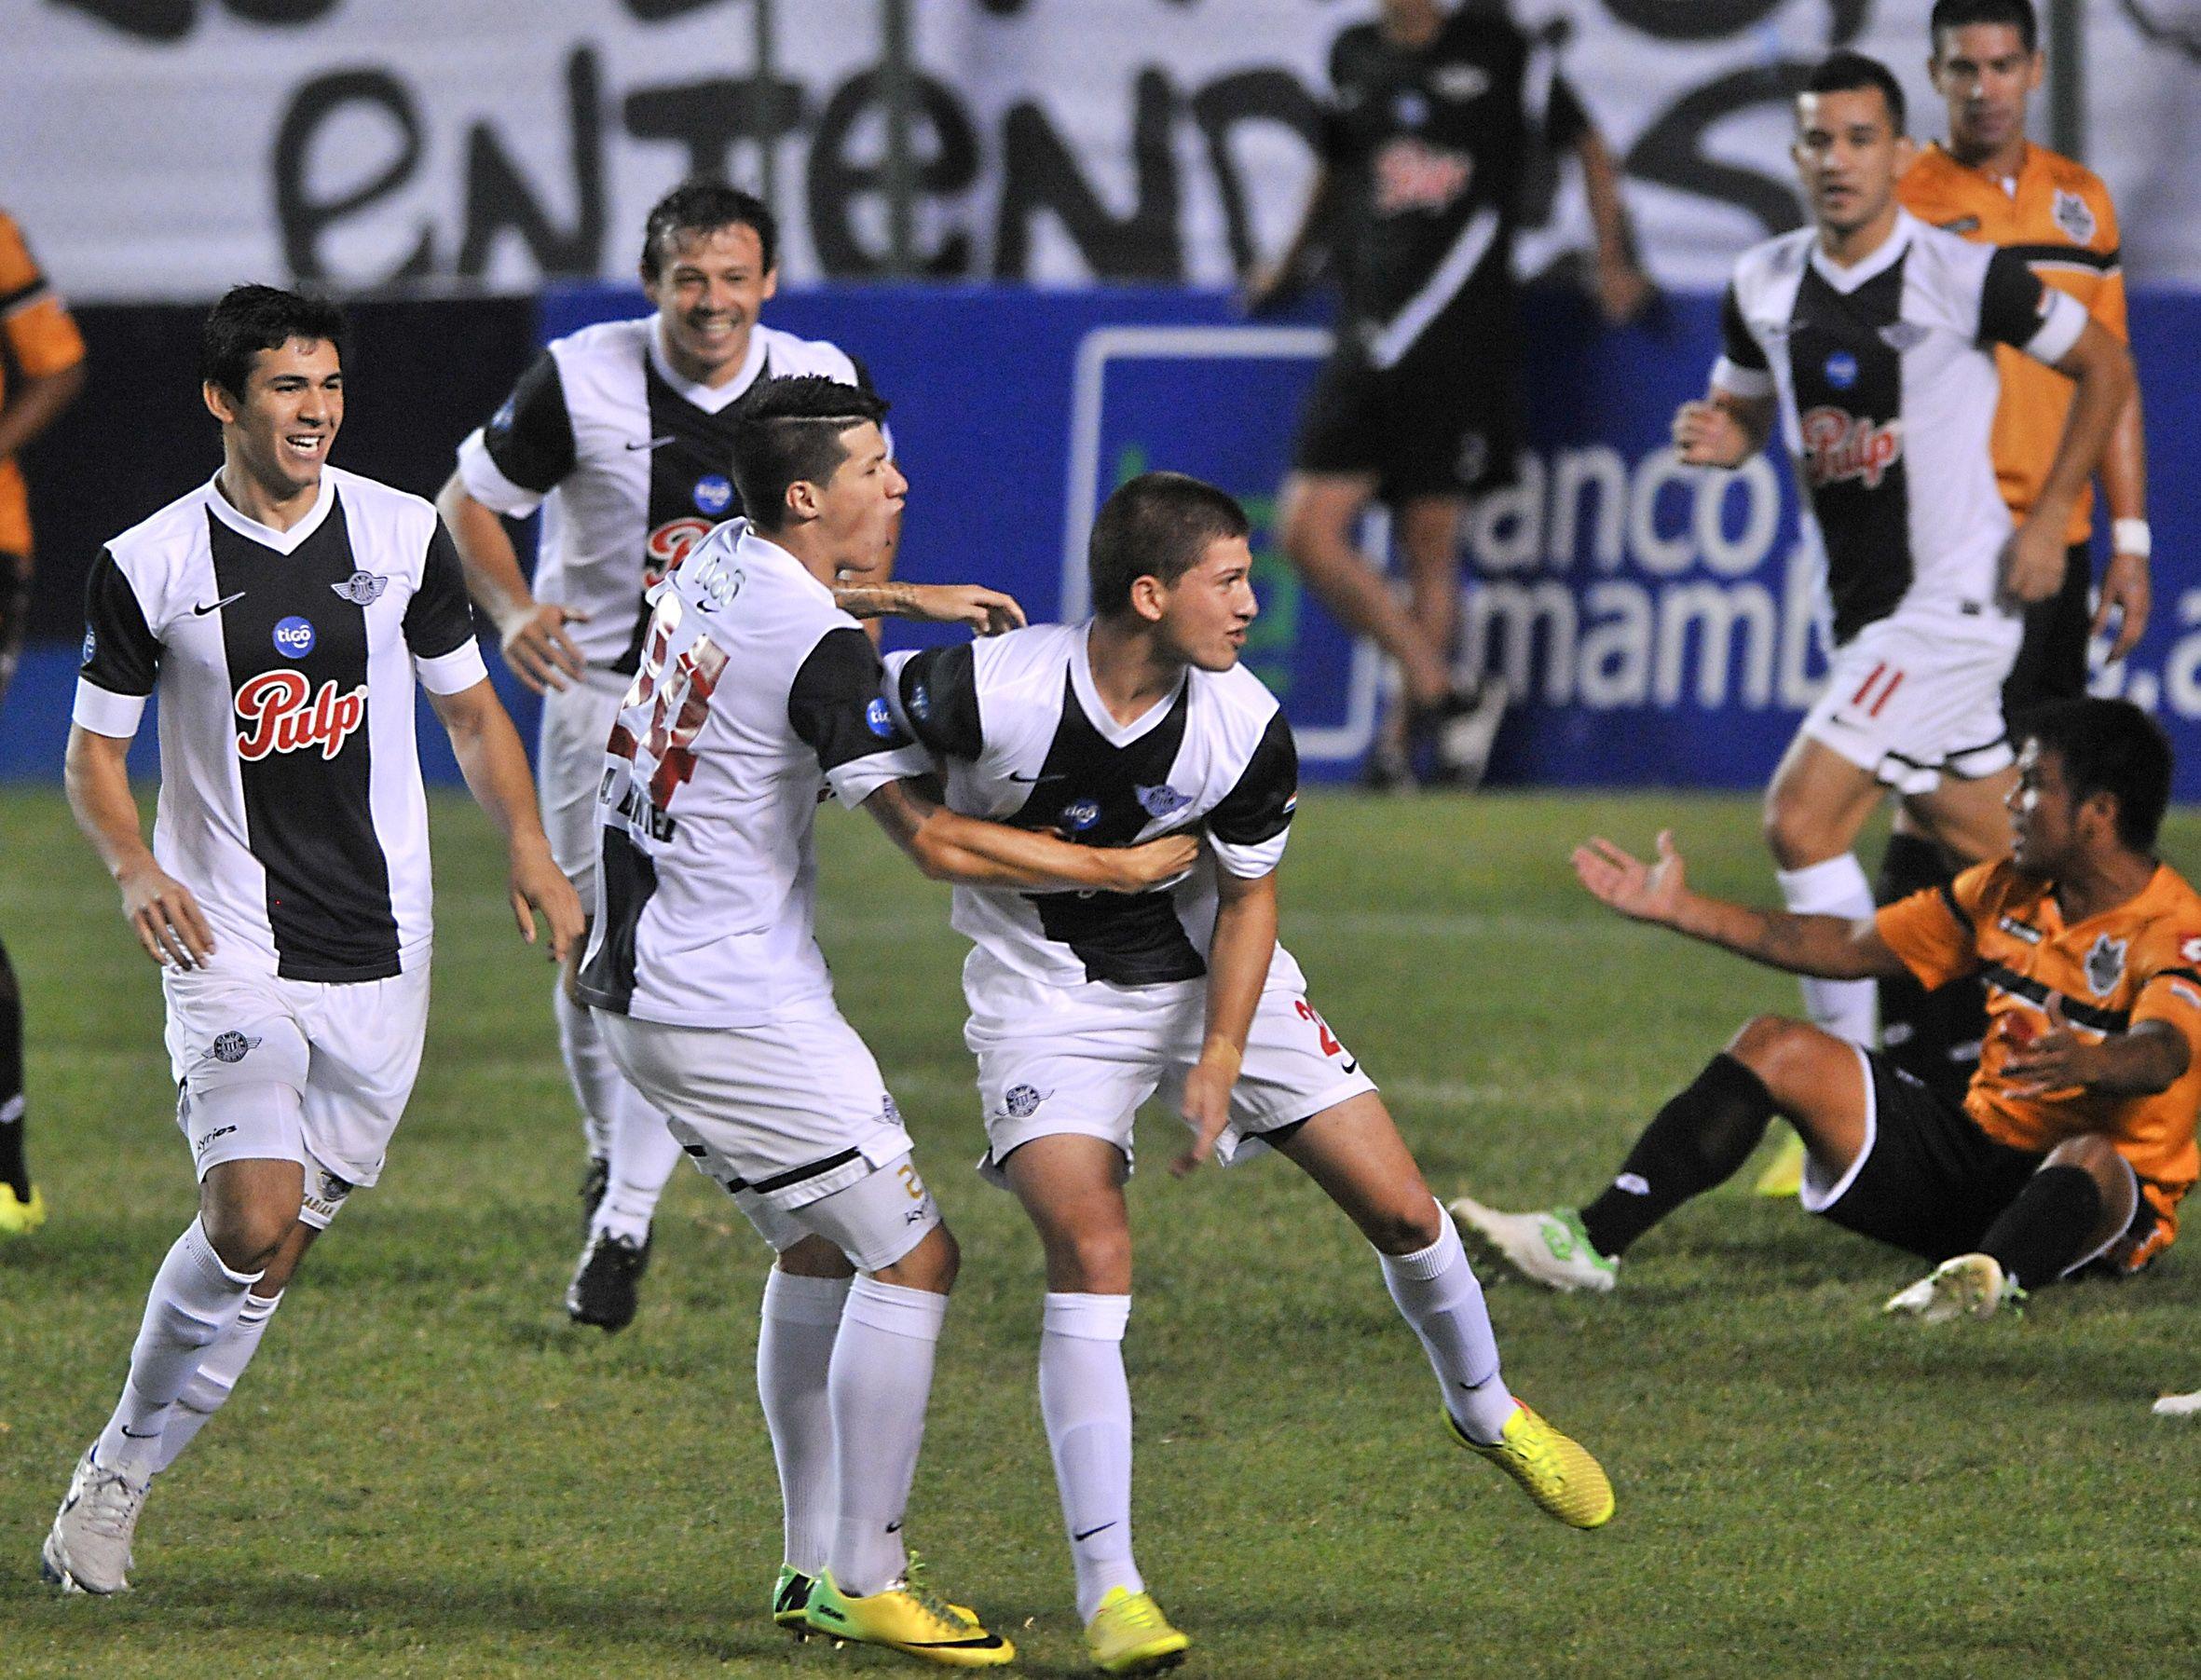 Libertad fulminó 6-0 a General Díaz por la fecha 14 del torneo Clausura. Foto: Daniel Duarte-Última Hora.